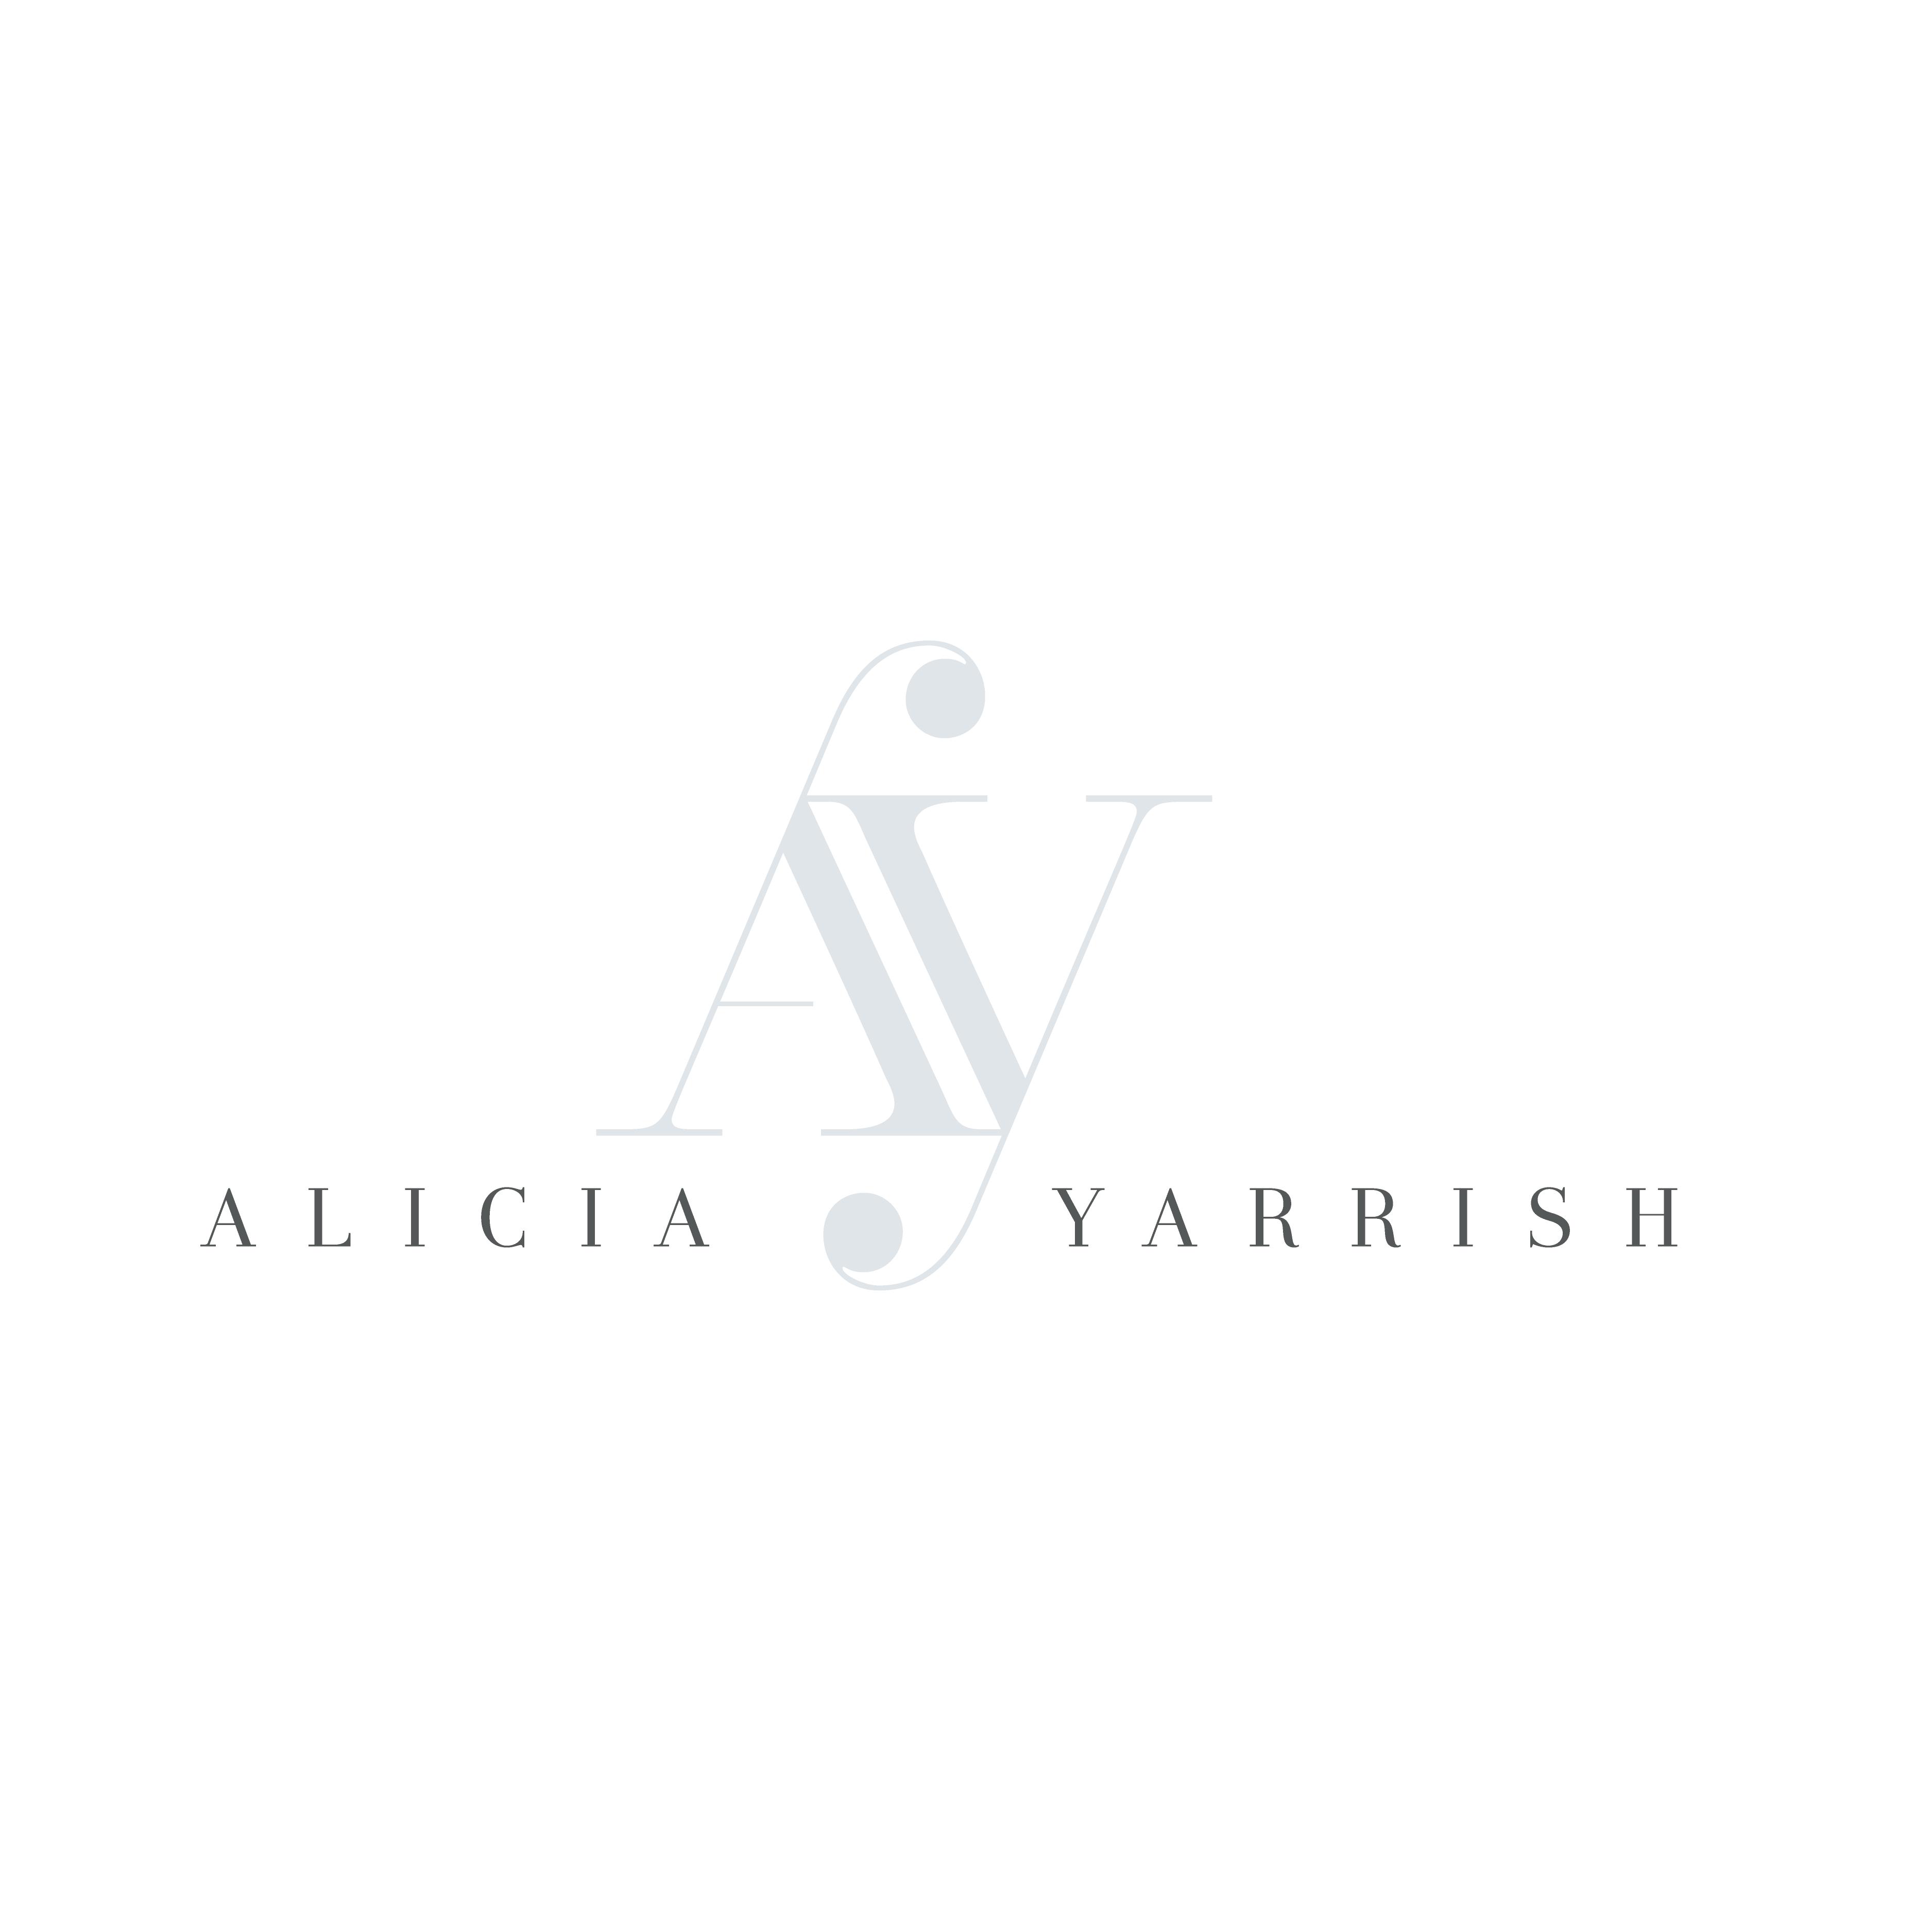 Alicia Yarrish Photography - Houston Photography